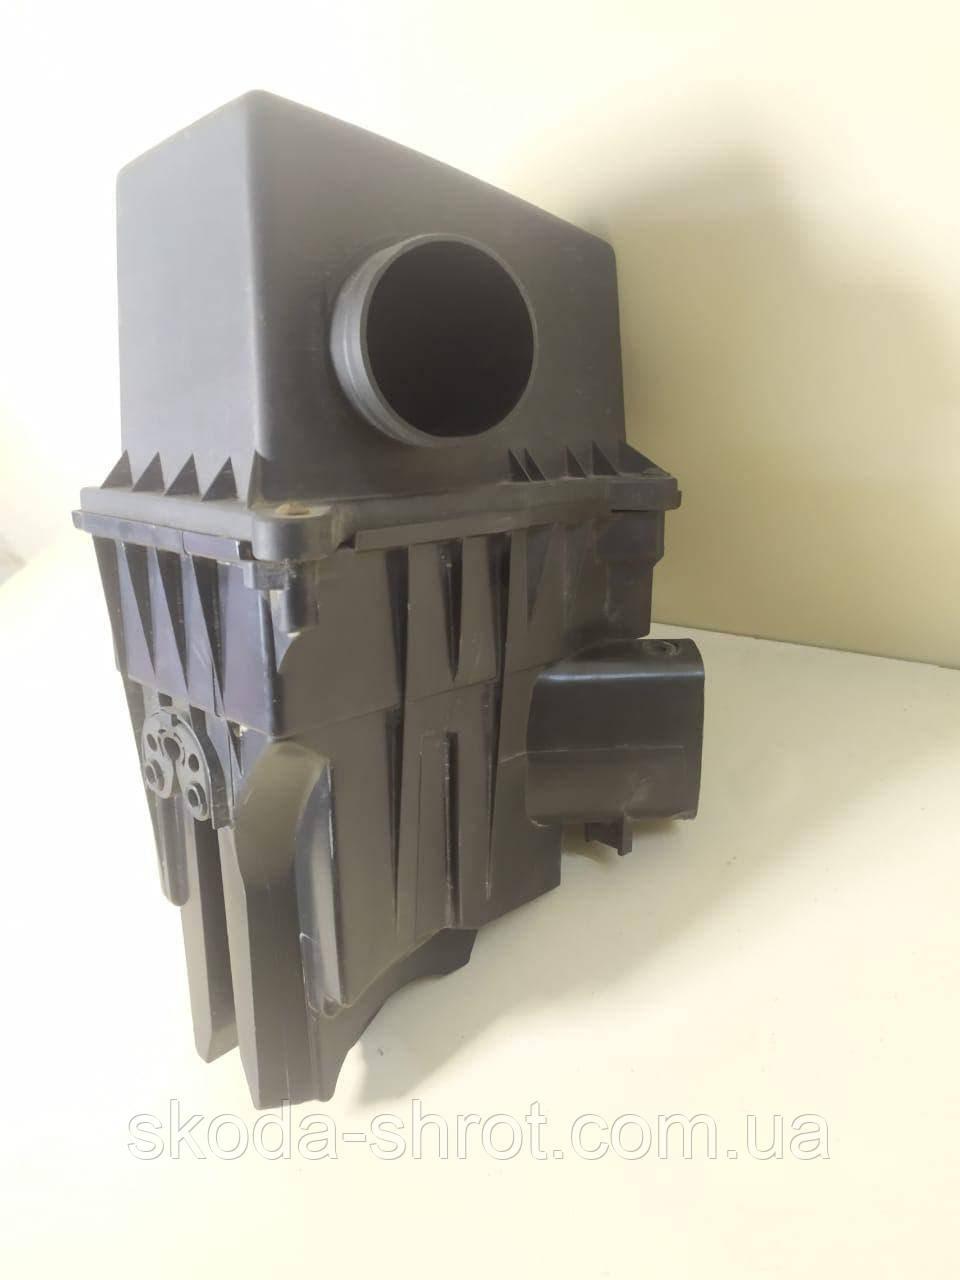 Корпус воздушного фильтра Вольксваген поло IV 9N, 6Y0129607D